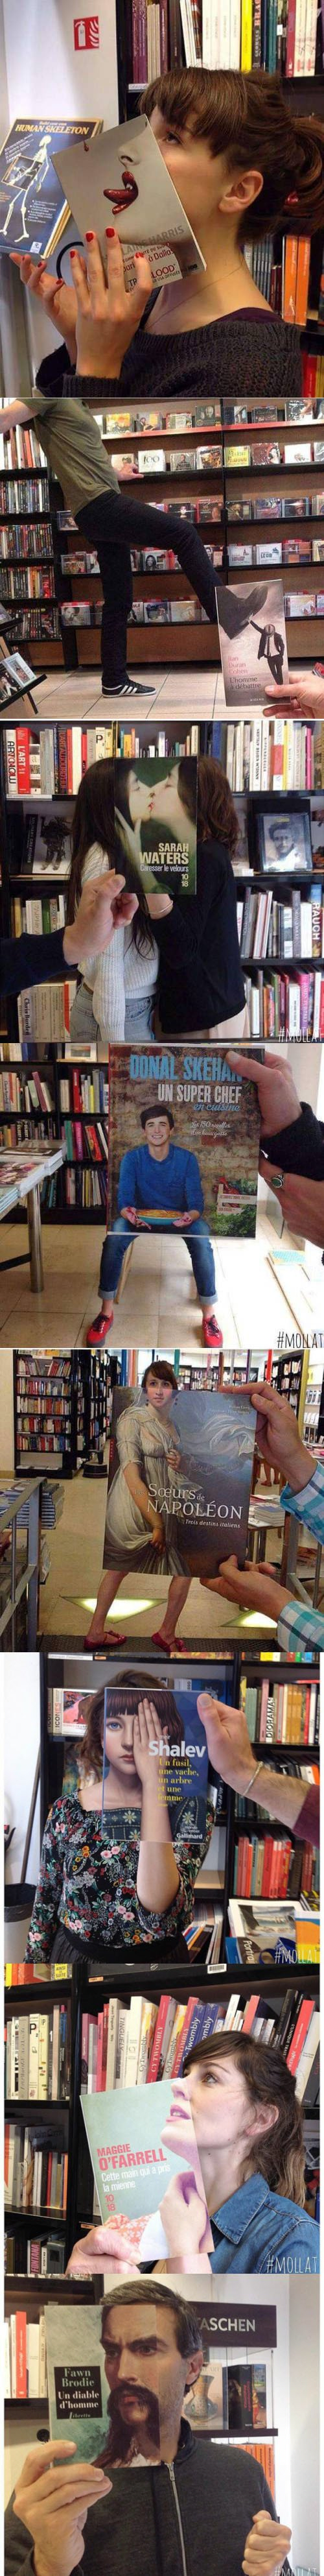 Meme_otros - Aprovechando la portada de un libro para echarse la foto perfecta